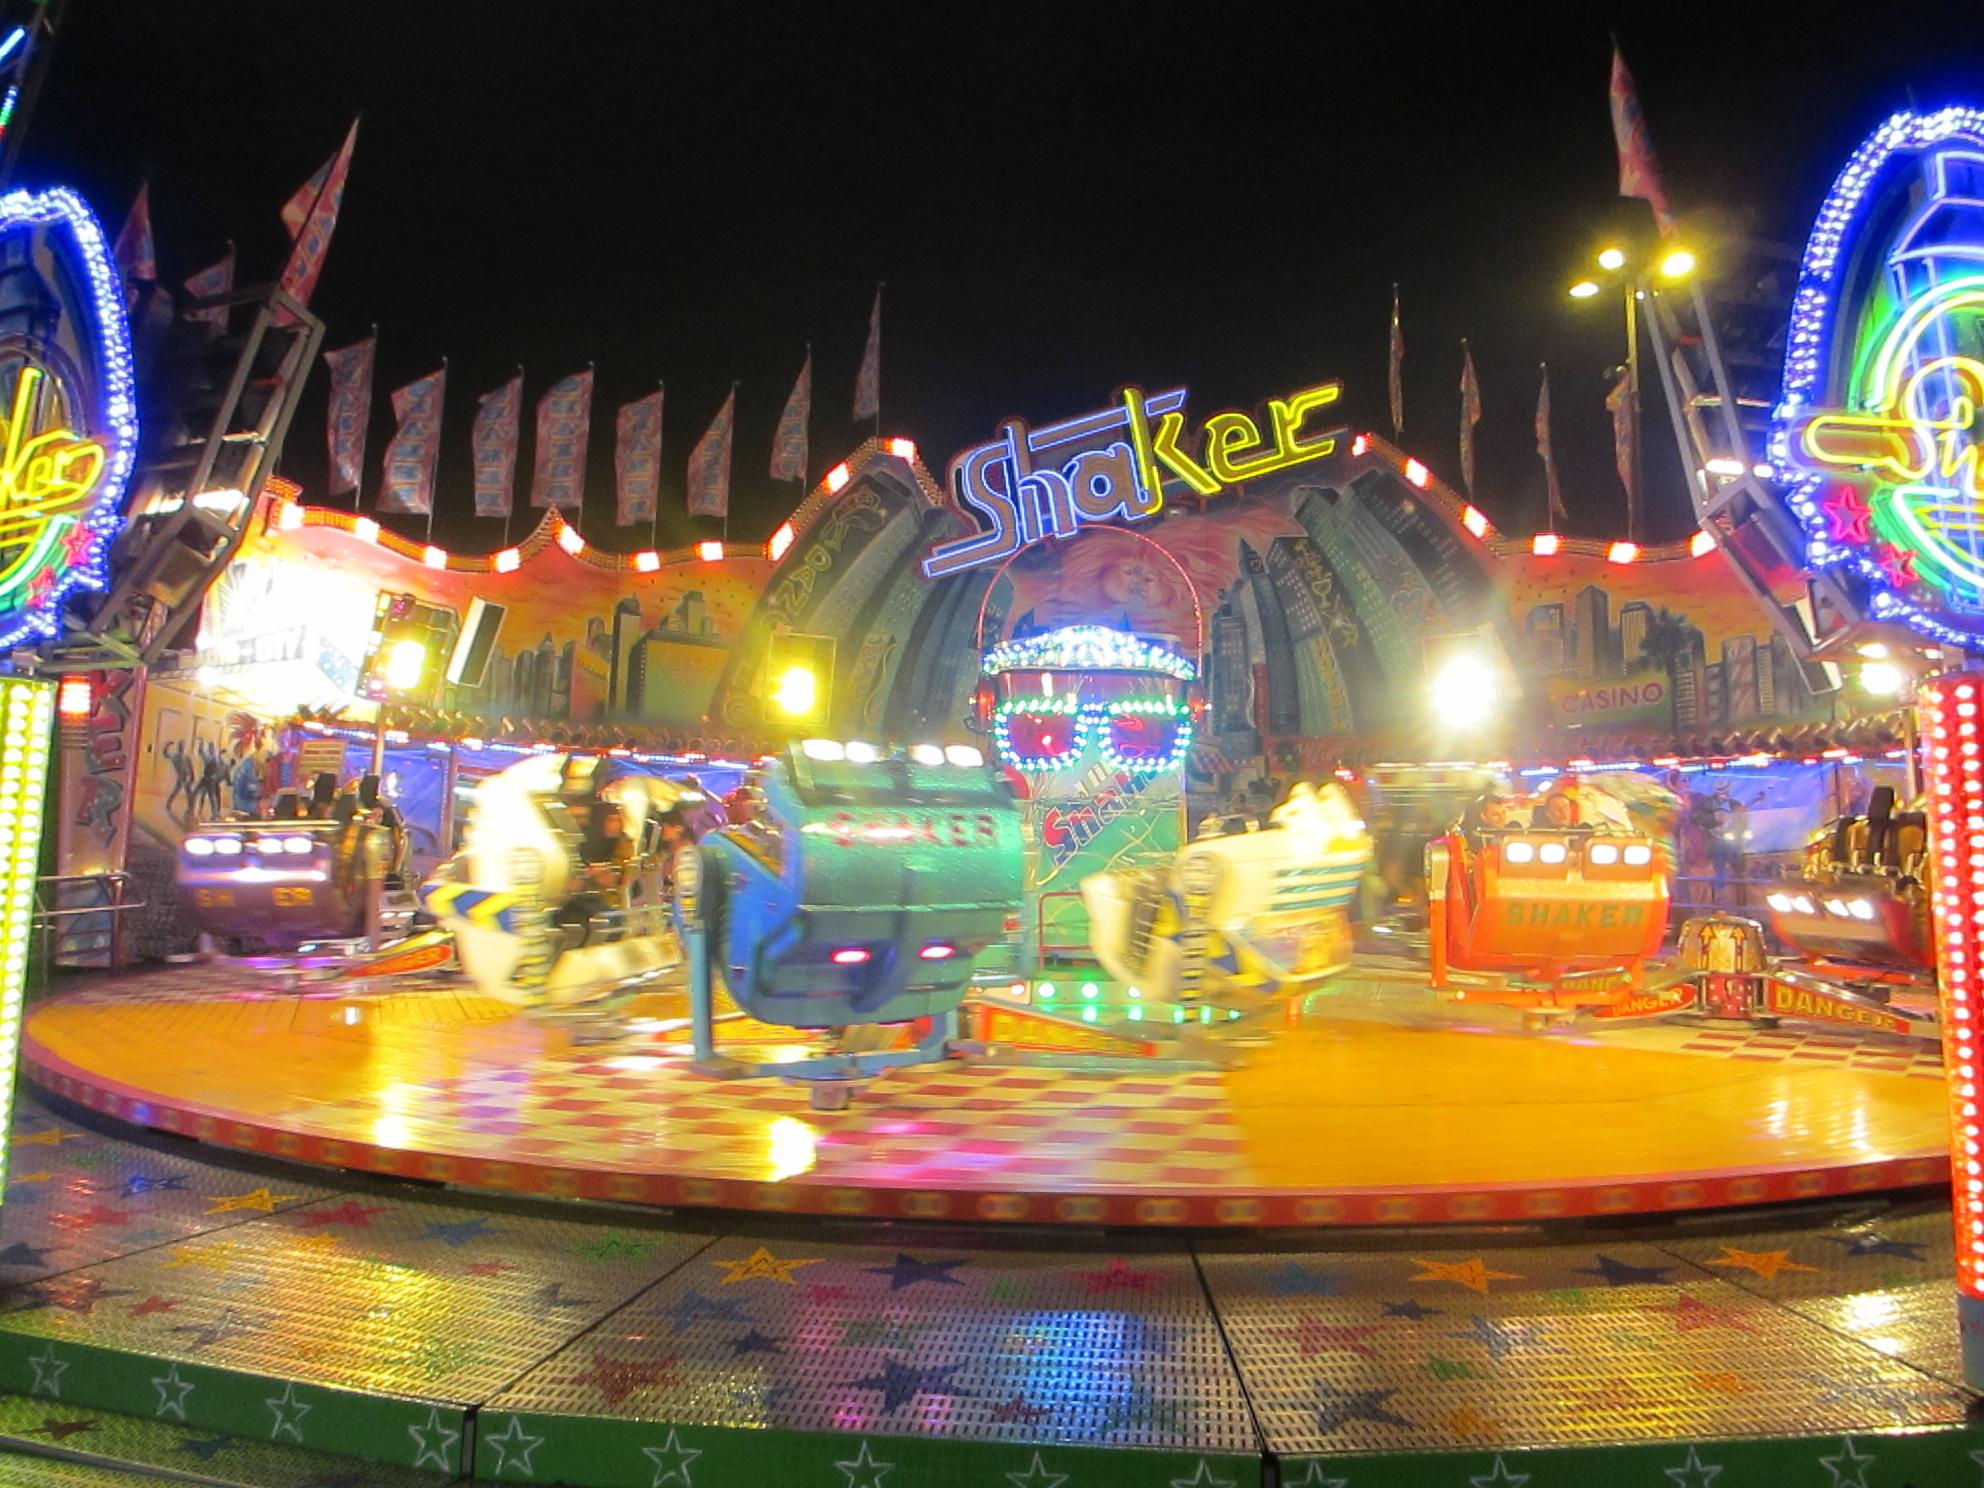 karusel-shaker